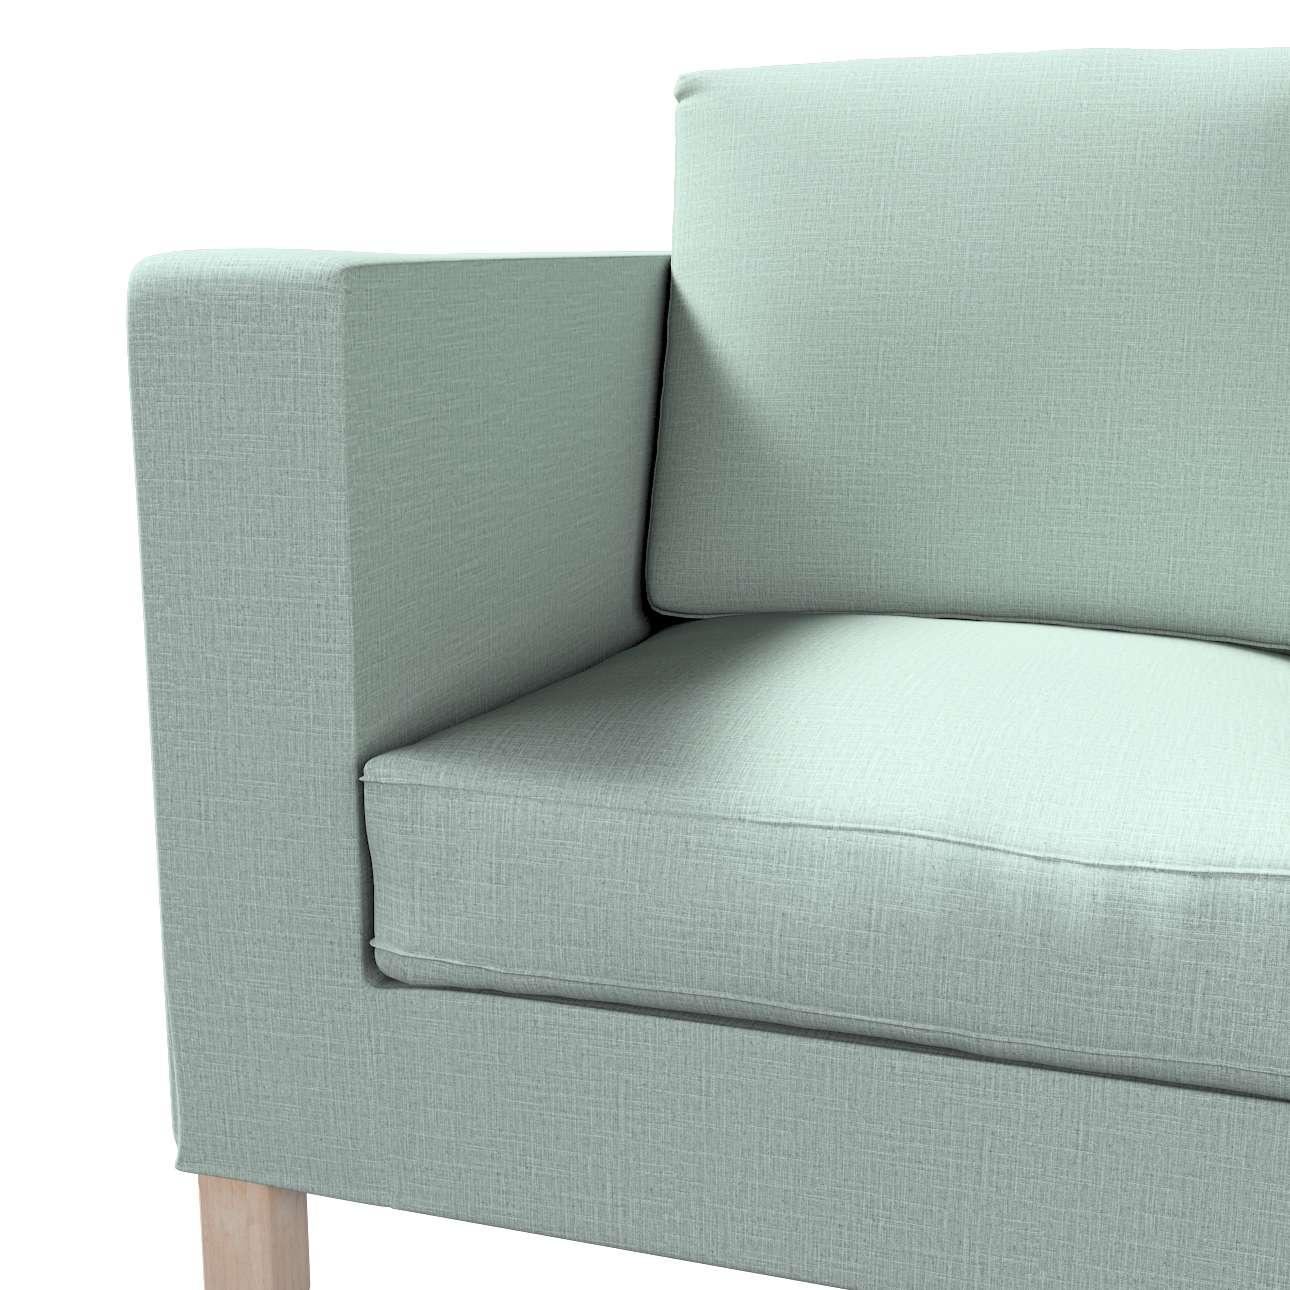 Bezug für Karlanda 2-Sitzer Sofa nicht ausklappbar, kurz von der Kollektion Living II, Stoff: 160-86